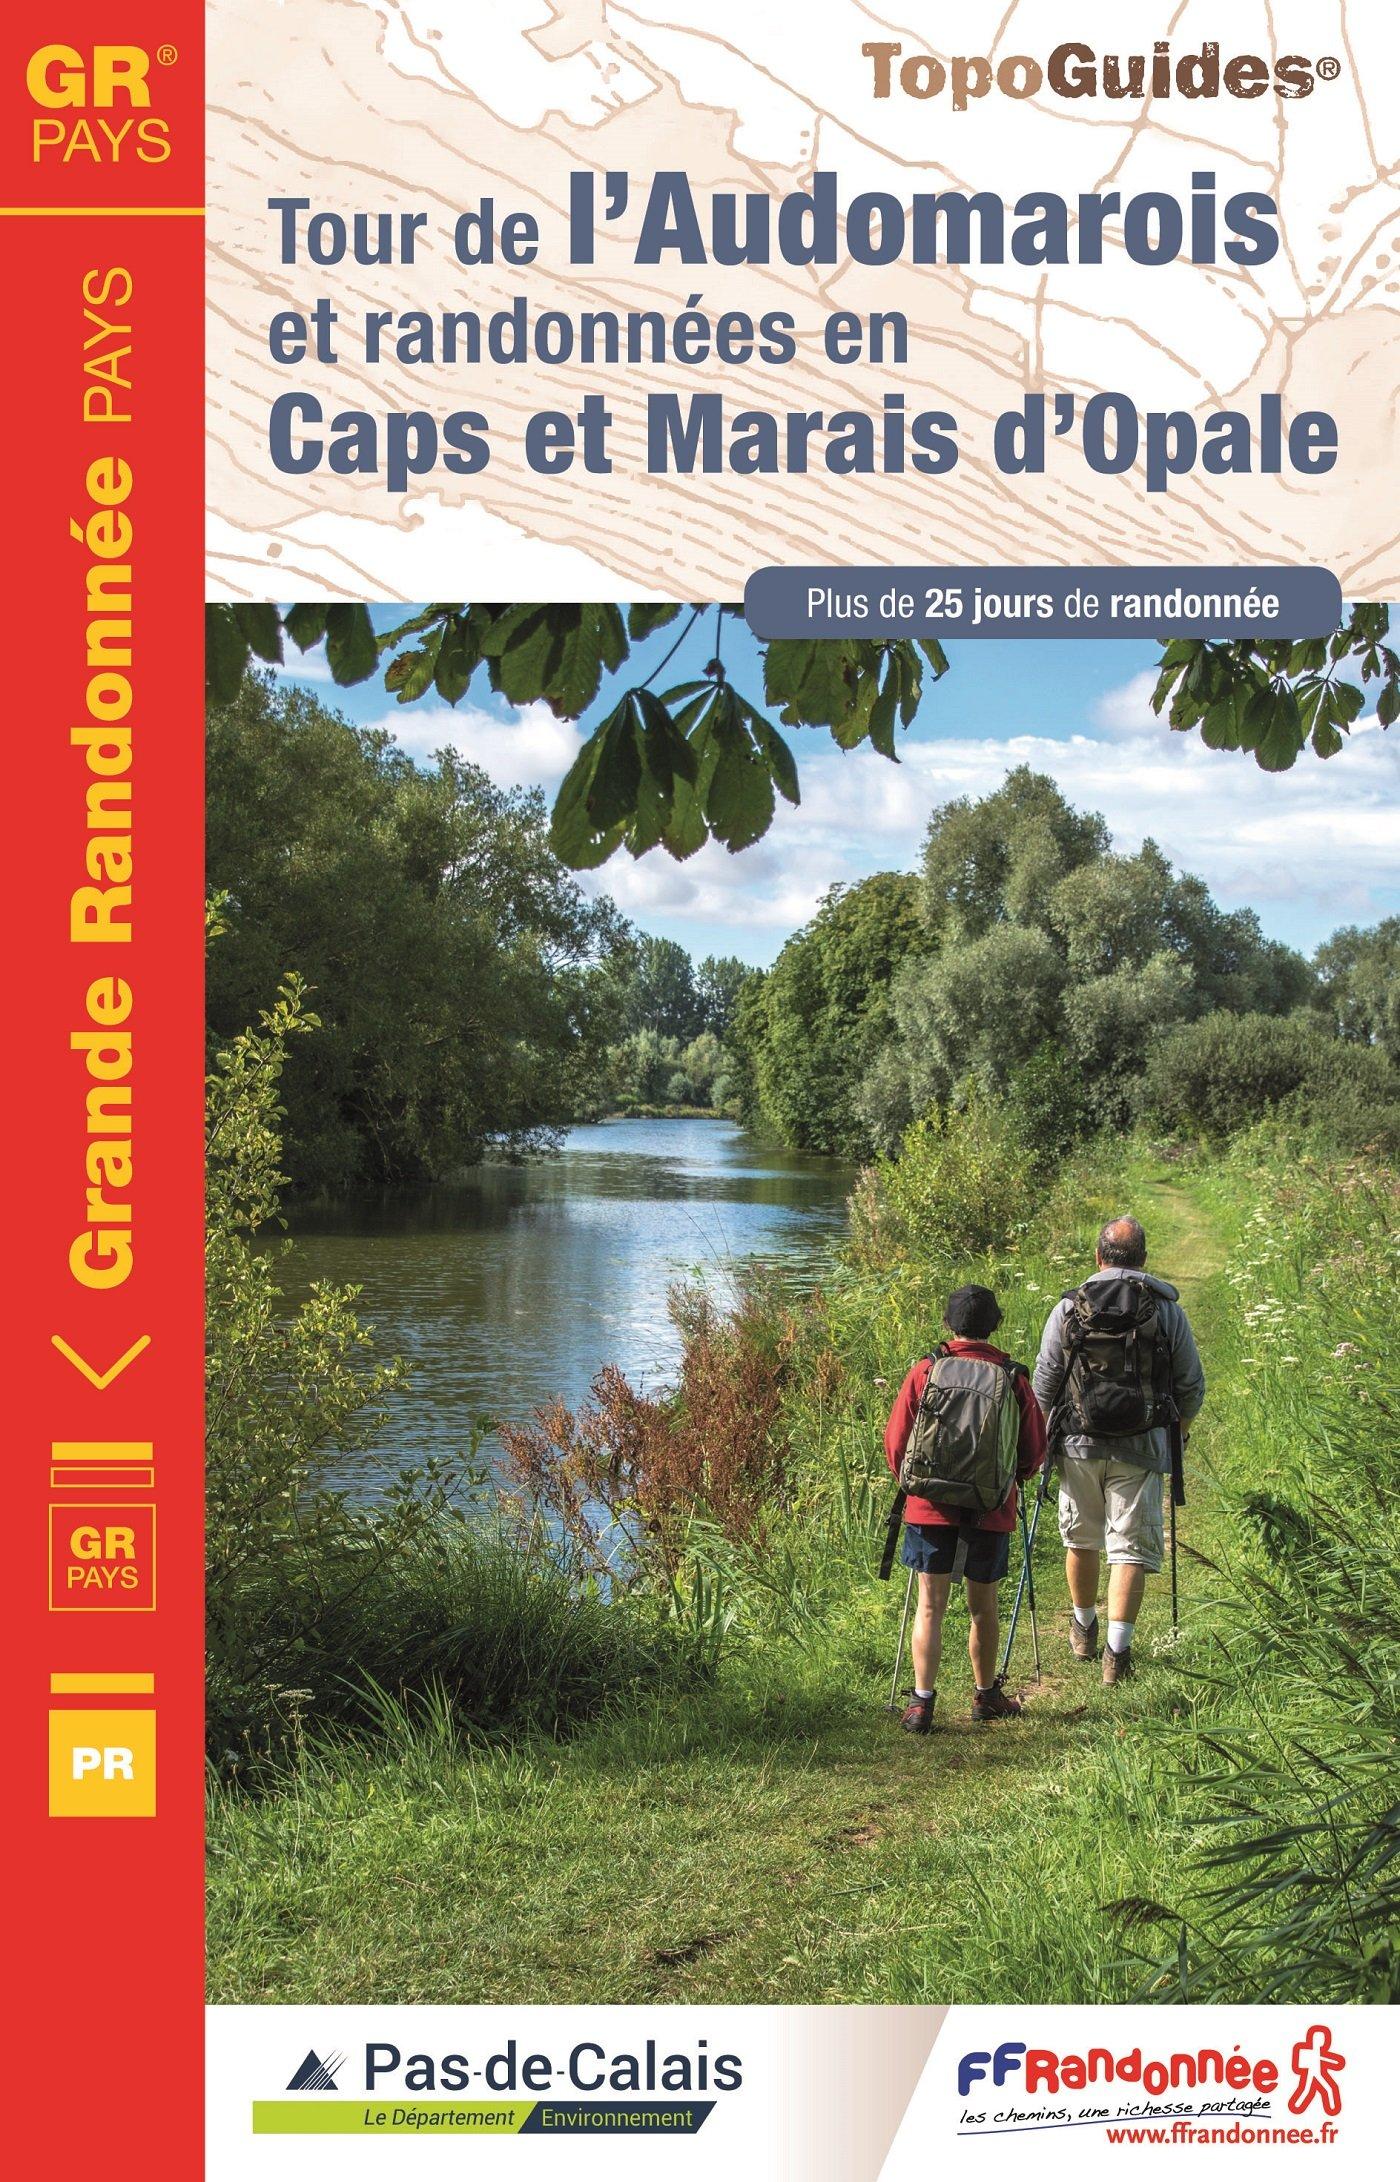 Tour de l'Audomarois et randonnées en caps et marais d'Opale Broché – 2 mars 2017 FFRP 2751409423 Guide France Guides Randonnées